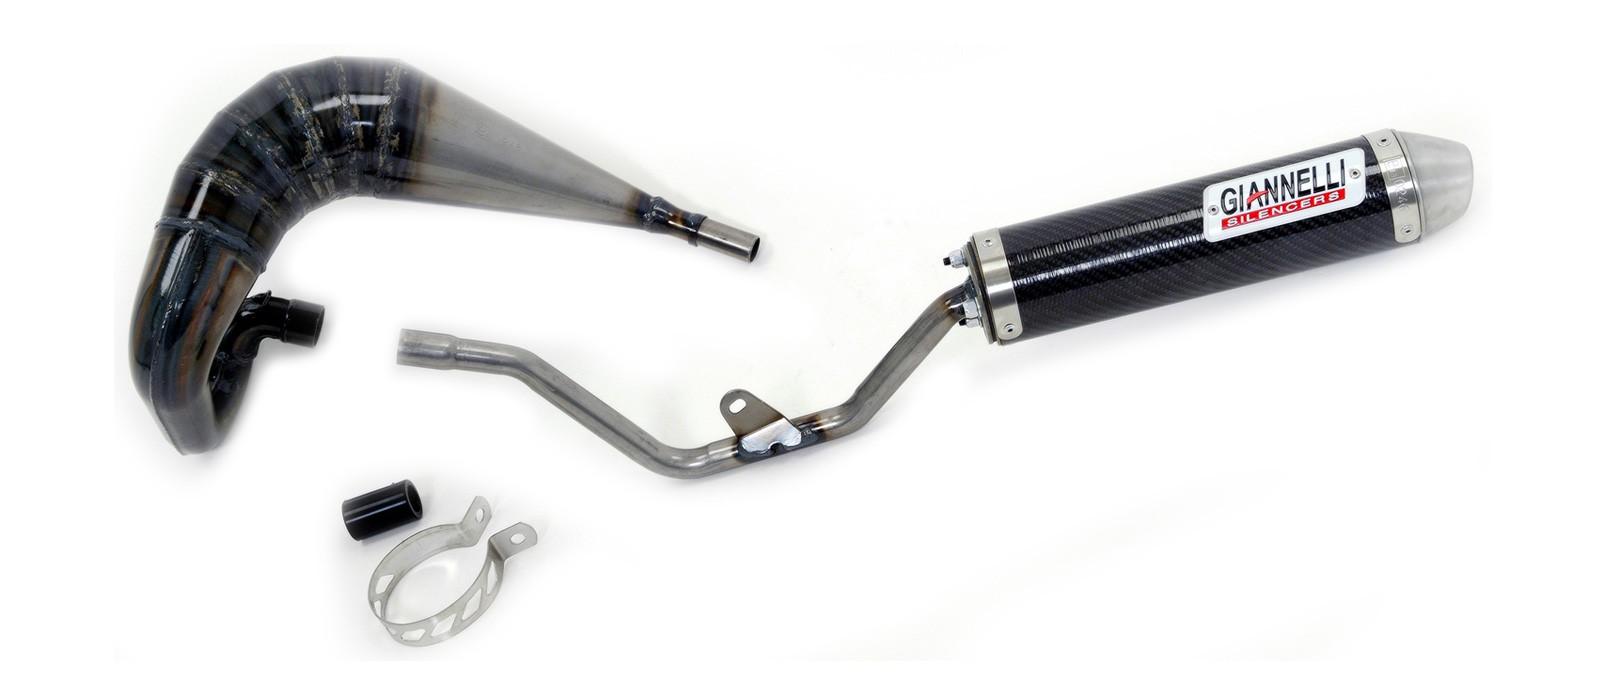 ESCAPES GIANNELLI UNIVERSALES - Silenciador aluminio enduro/cross 2T HM CRE 50 Baja Giannelli 34693HF -